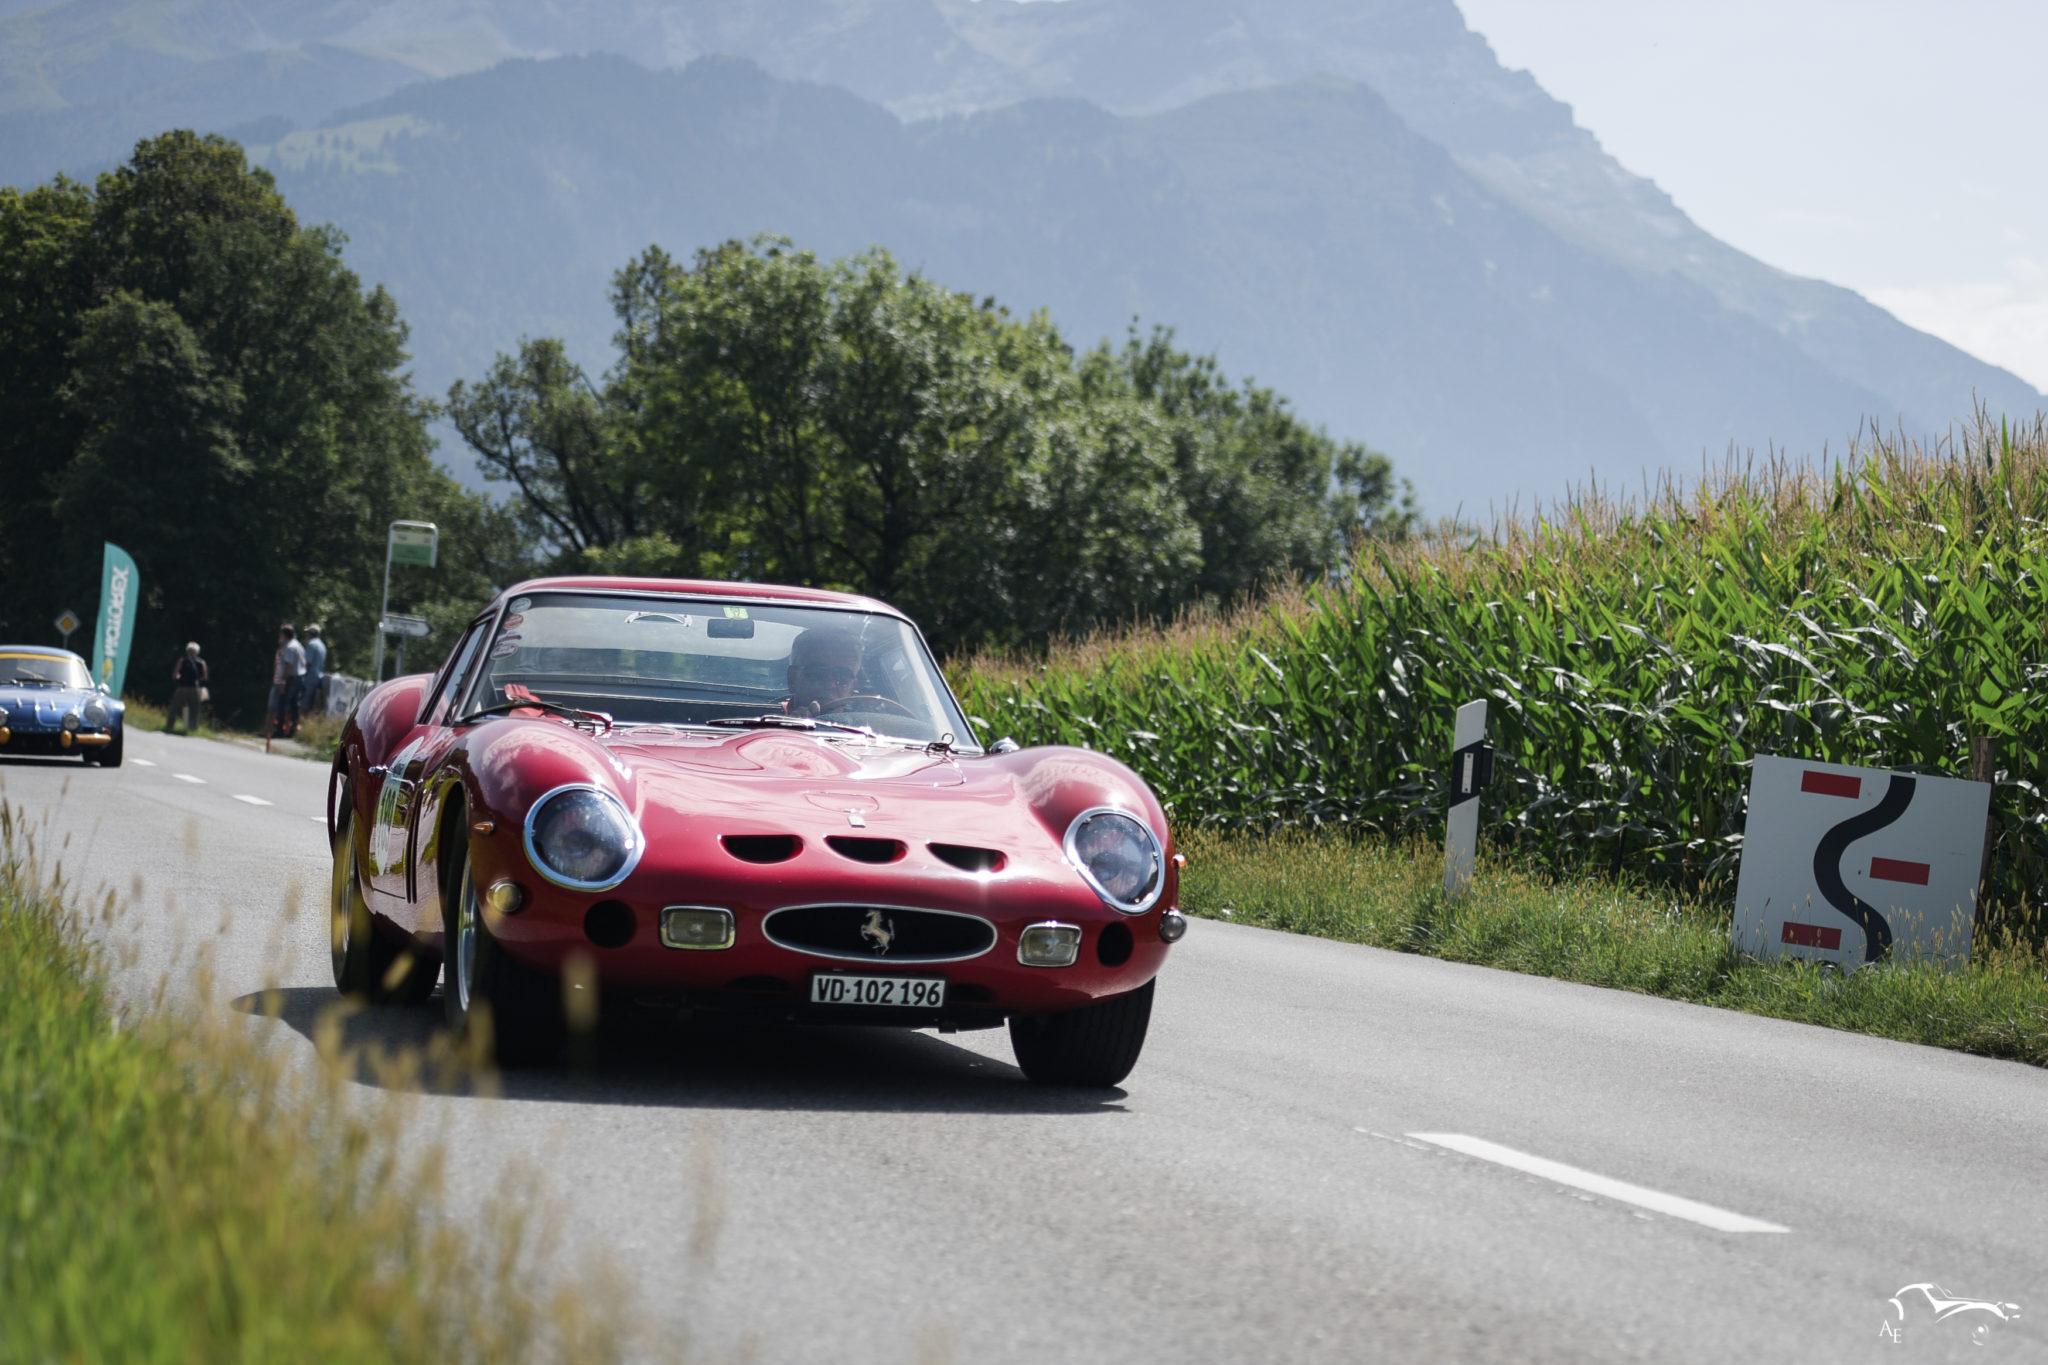 Ferrari-Favre 250 GTO 3000 cc 1962